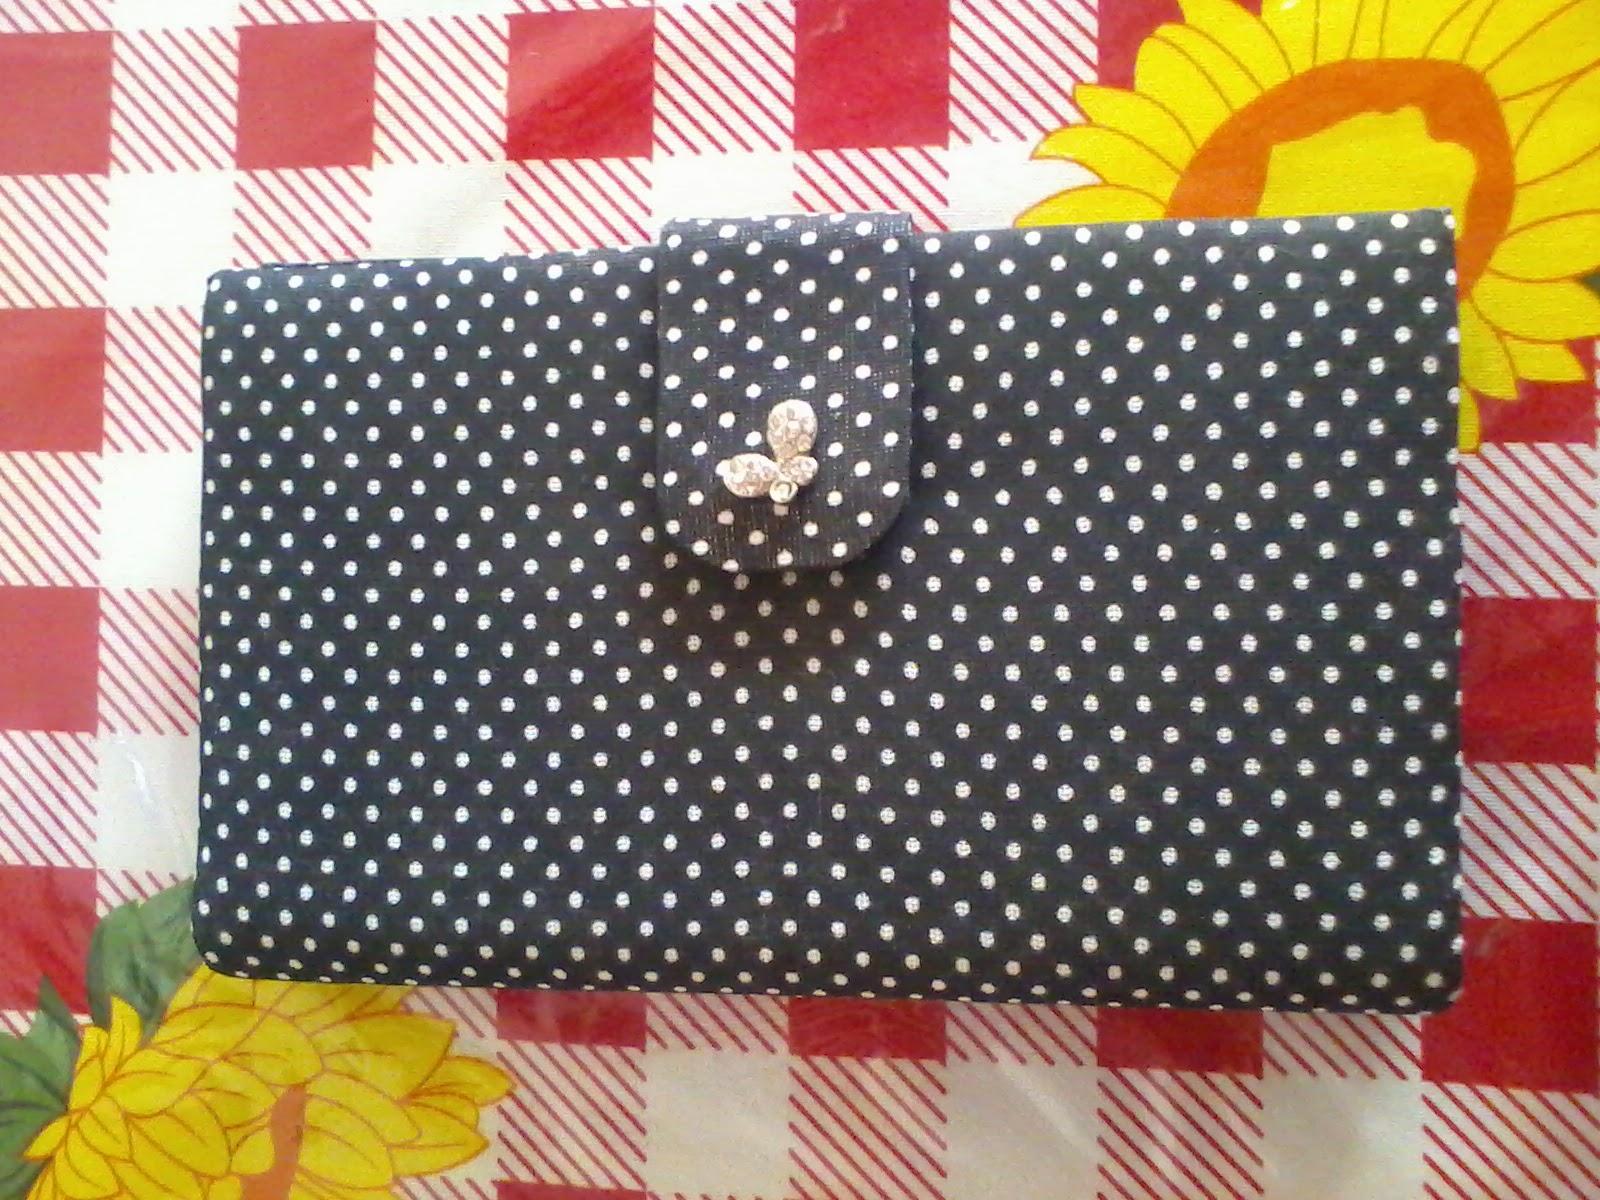 Bolsa E Carteira : Bolsa e carteira de caixa leite carteras com